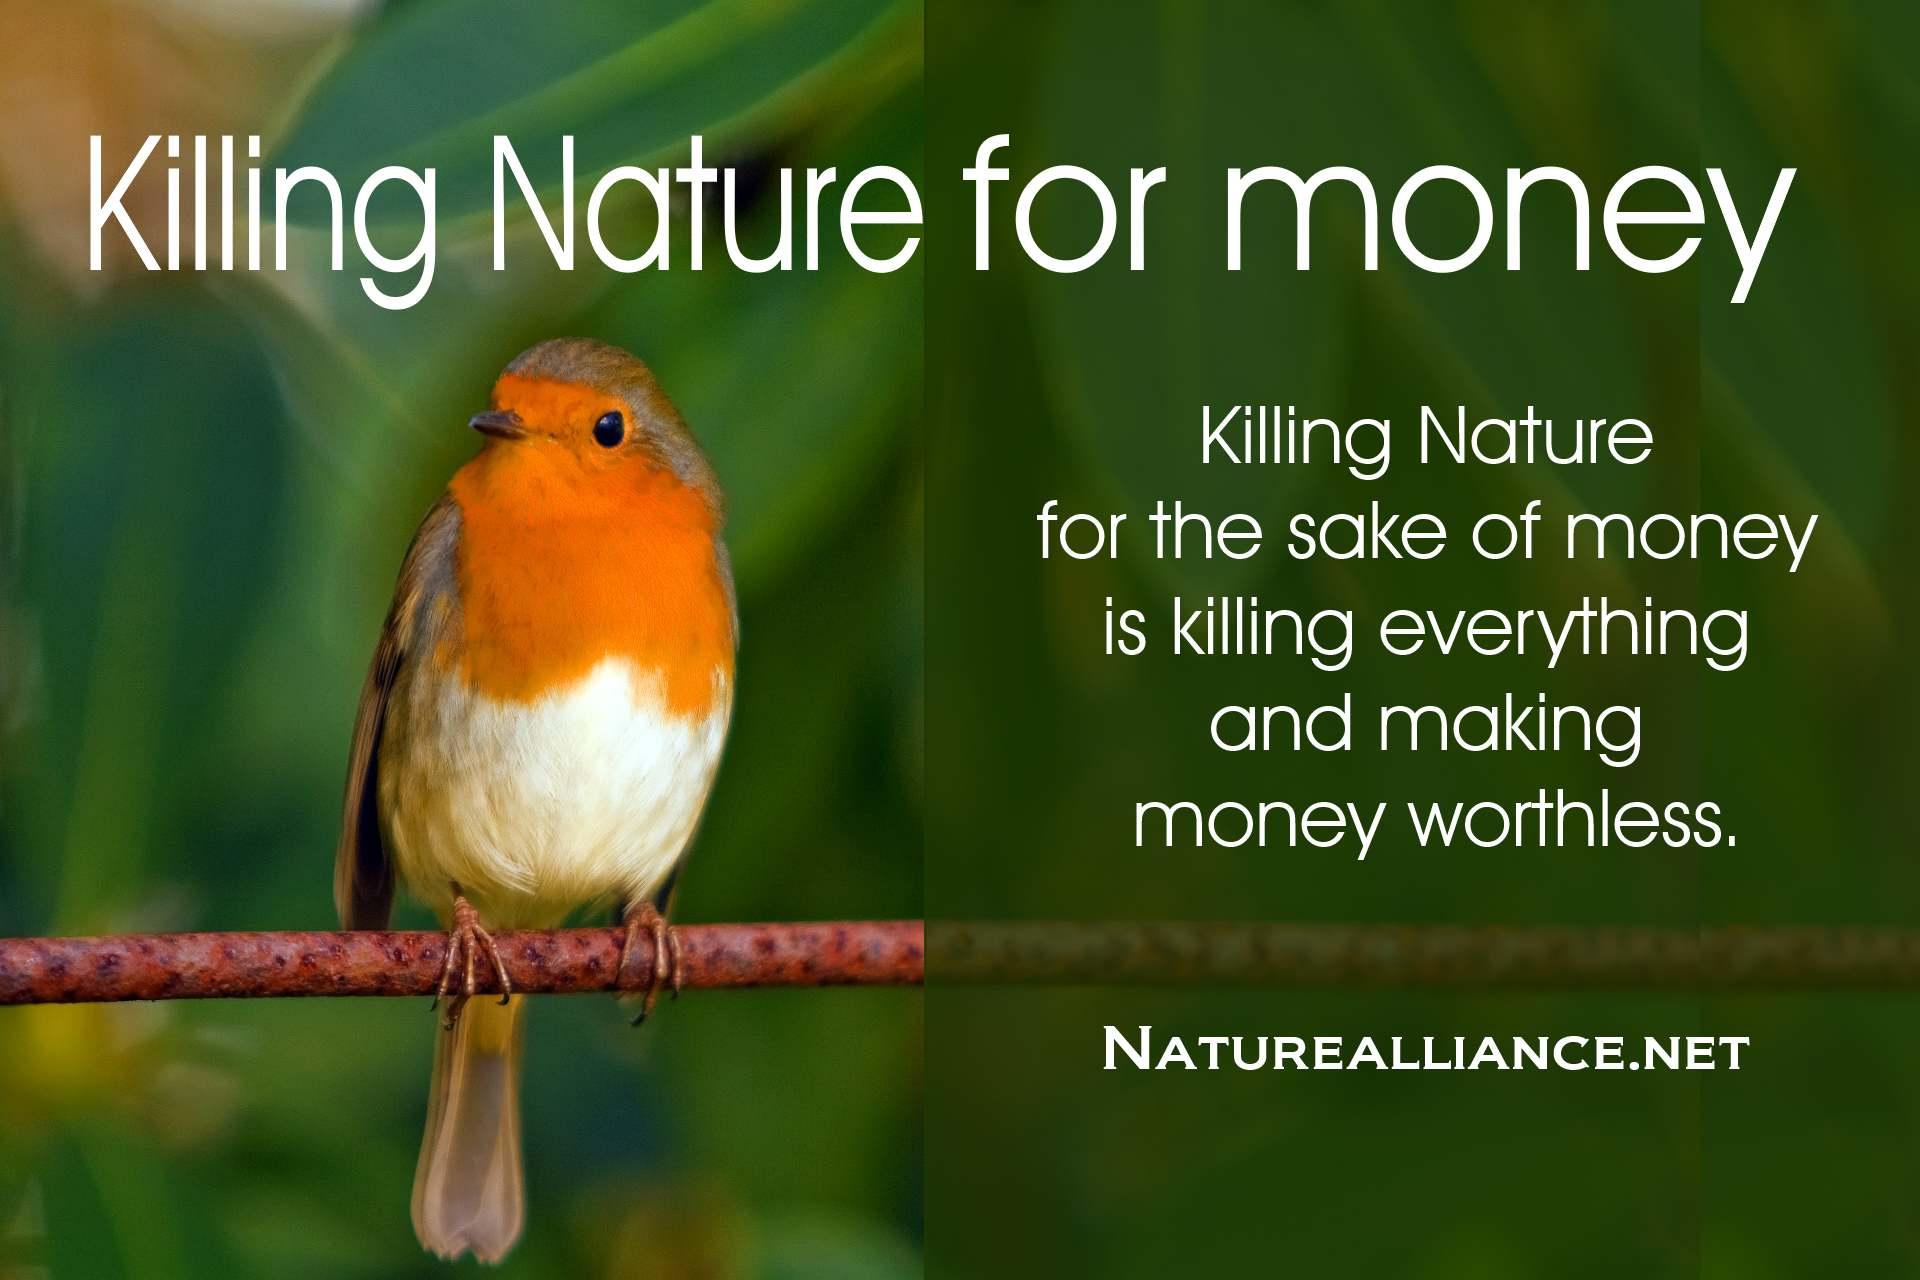 Killing Nature for money